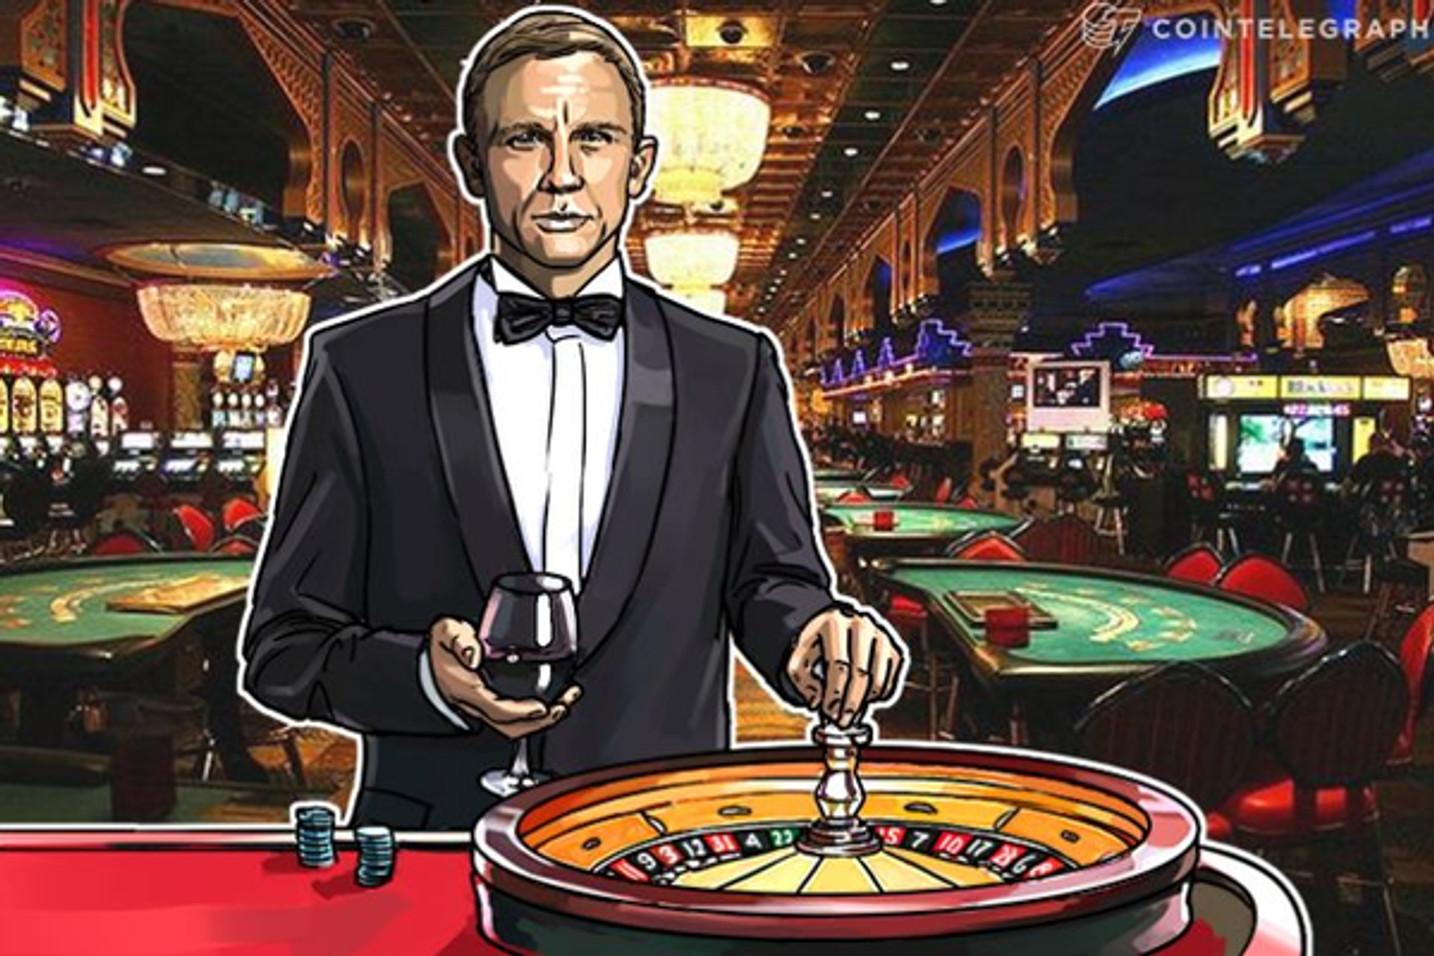 Bitcoin Player Takes Home 255 000 In Milestone Casino Win